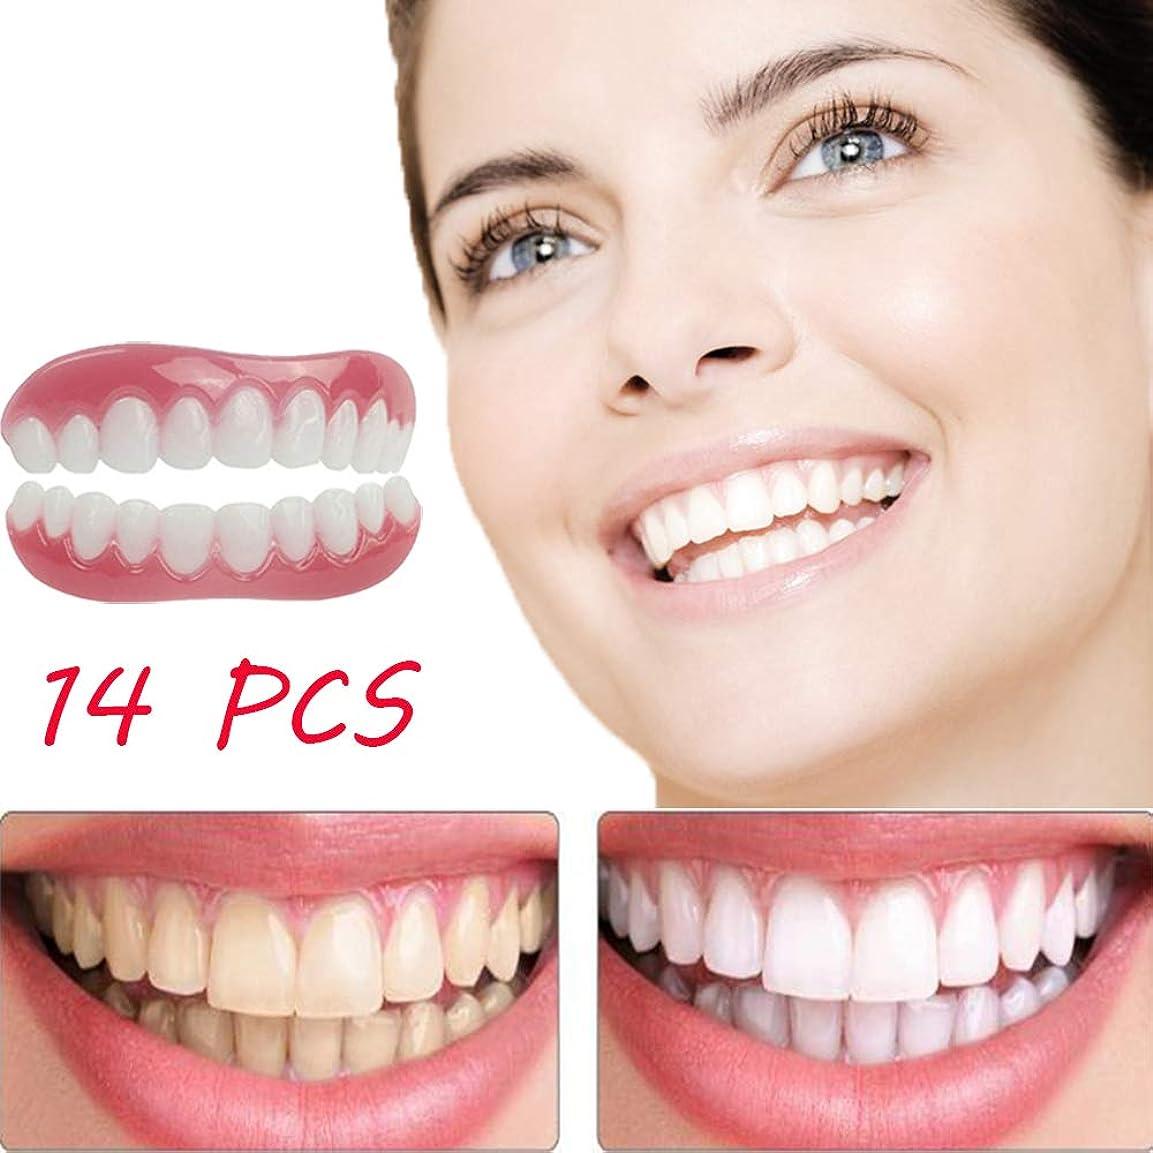 反対に印象派会計士14PCSホワイトニング義歯上下の化粧品突き板の歯快適な柔らかい突き板の歯ほとんどの人に適したワンサイズ